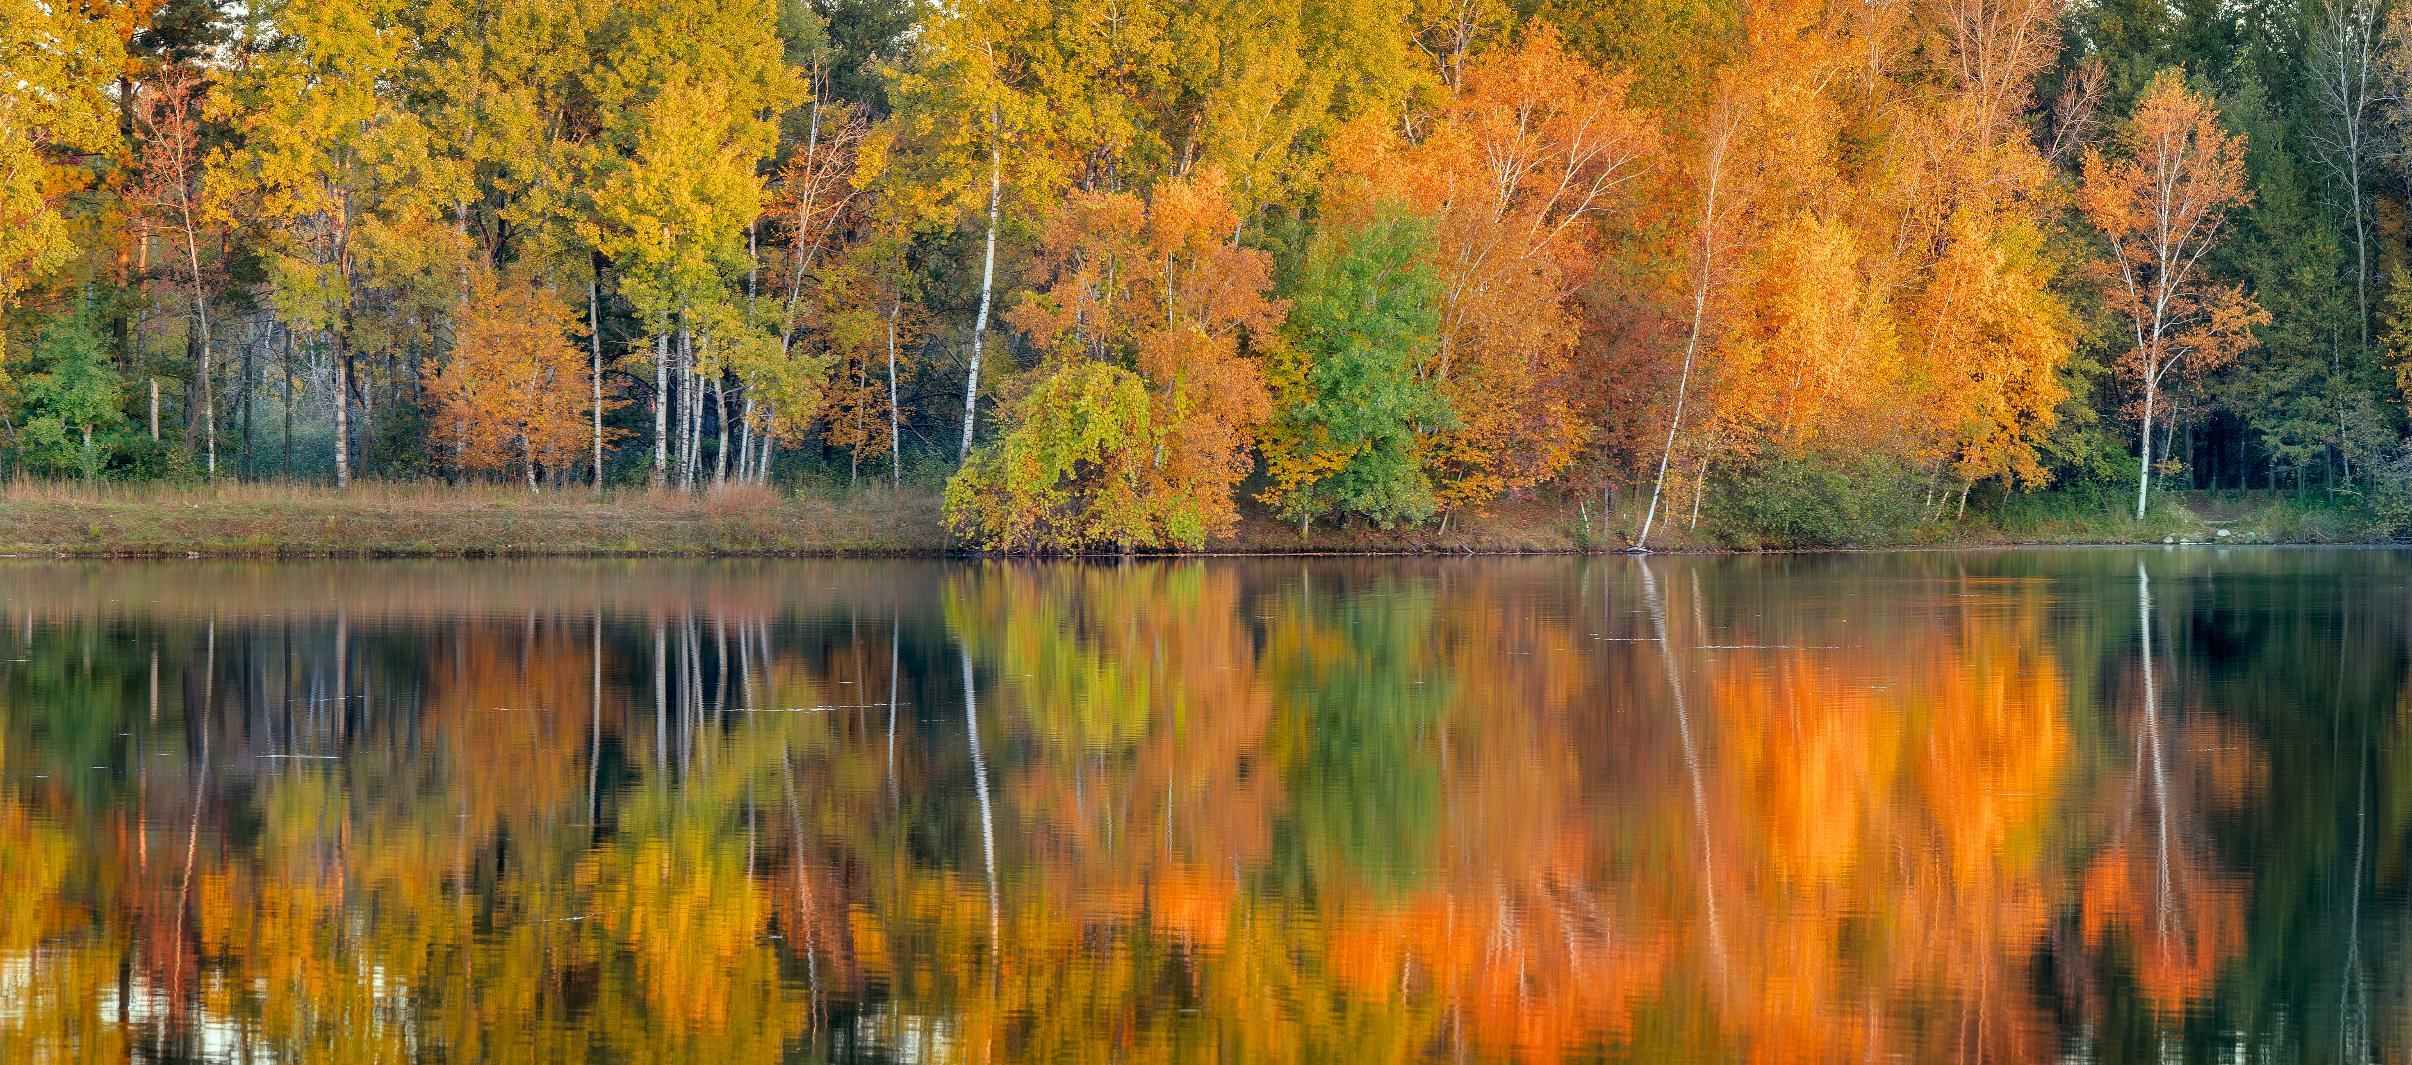 WI fall foliage